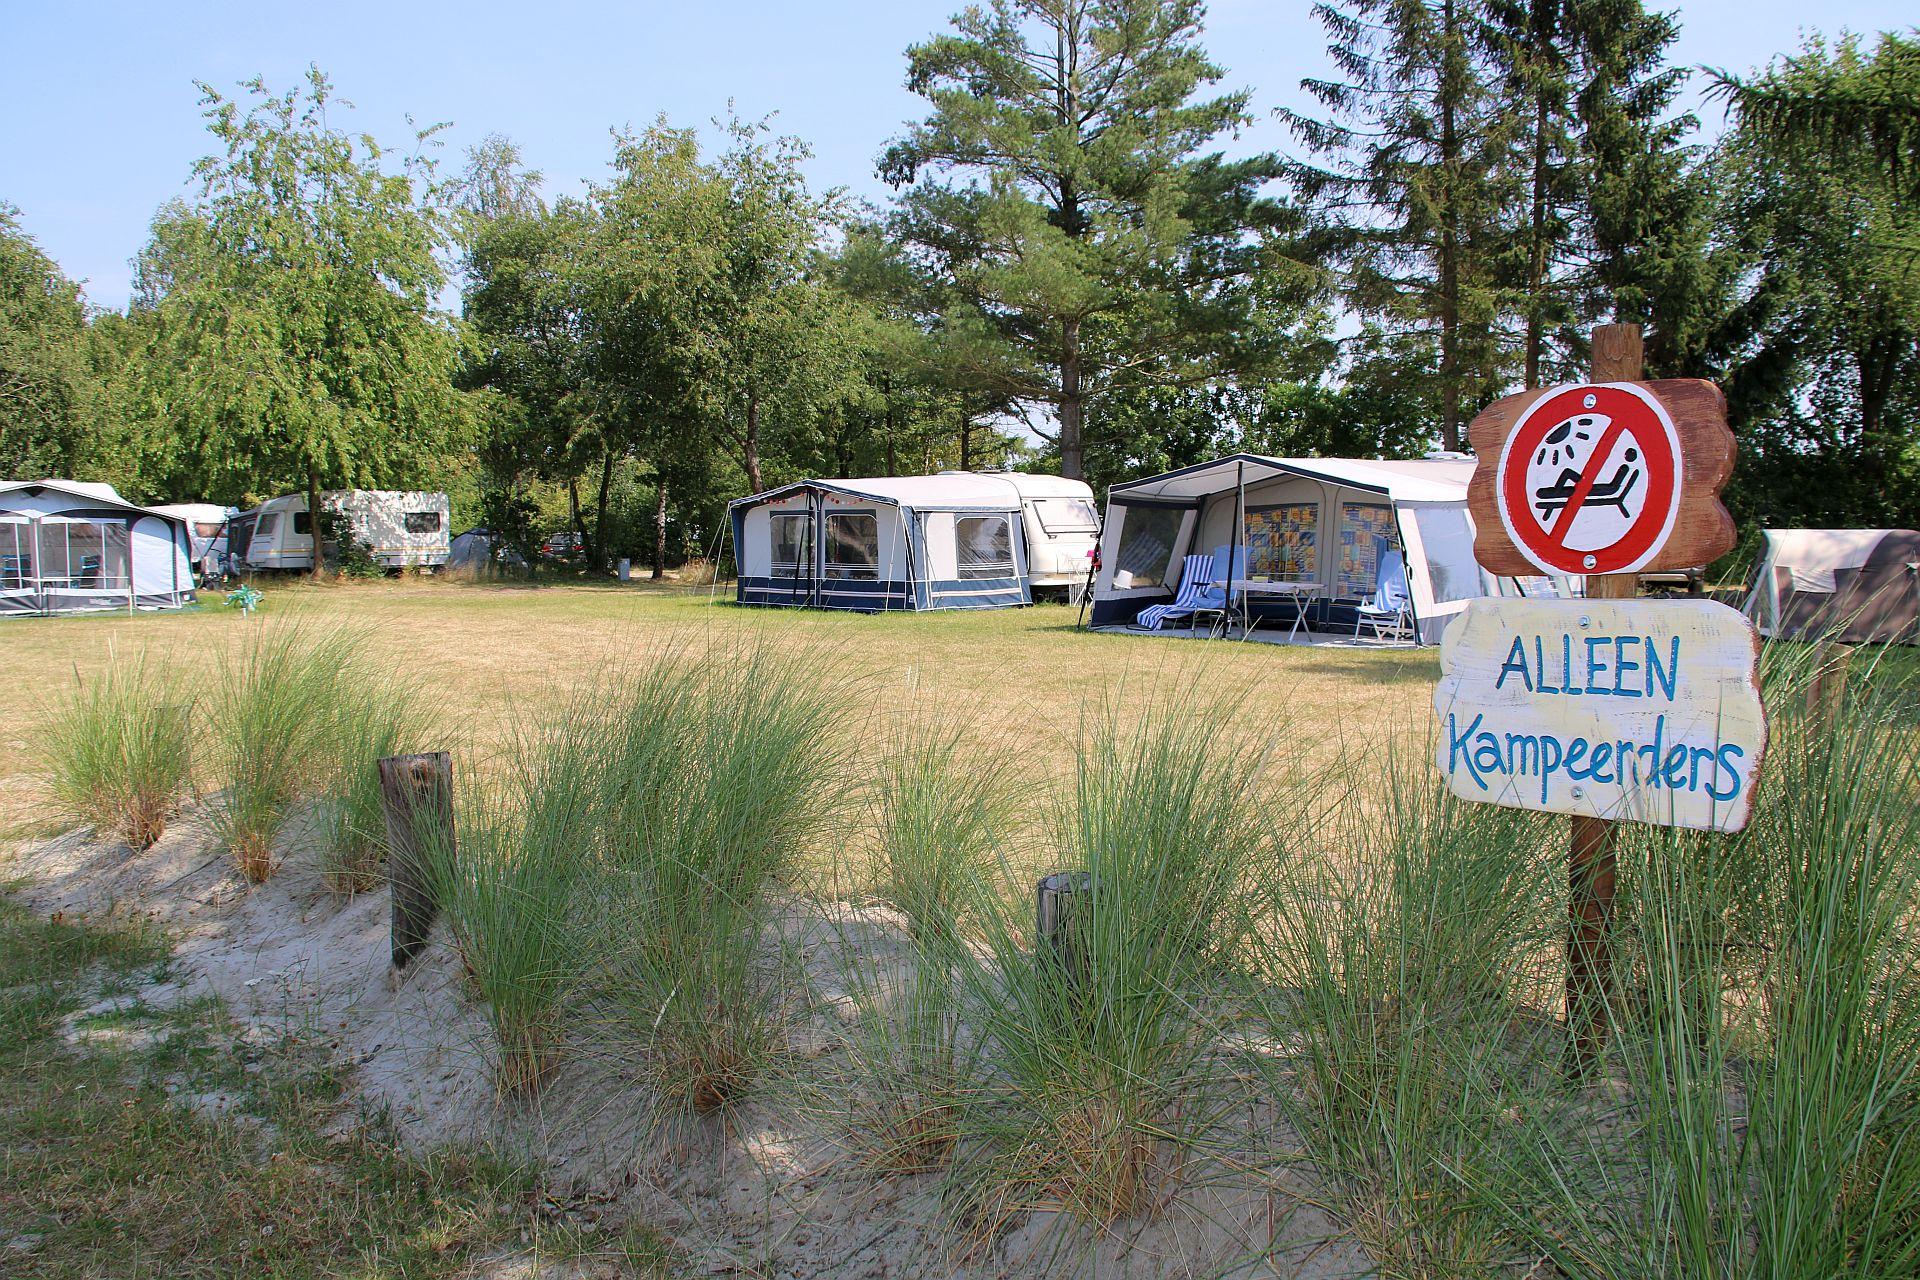 Camping zomer aanbiedingen tijdens de vakanties - camping zomer aanbiedingen